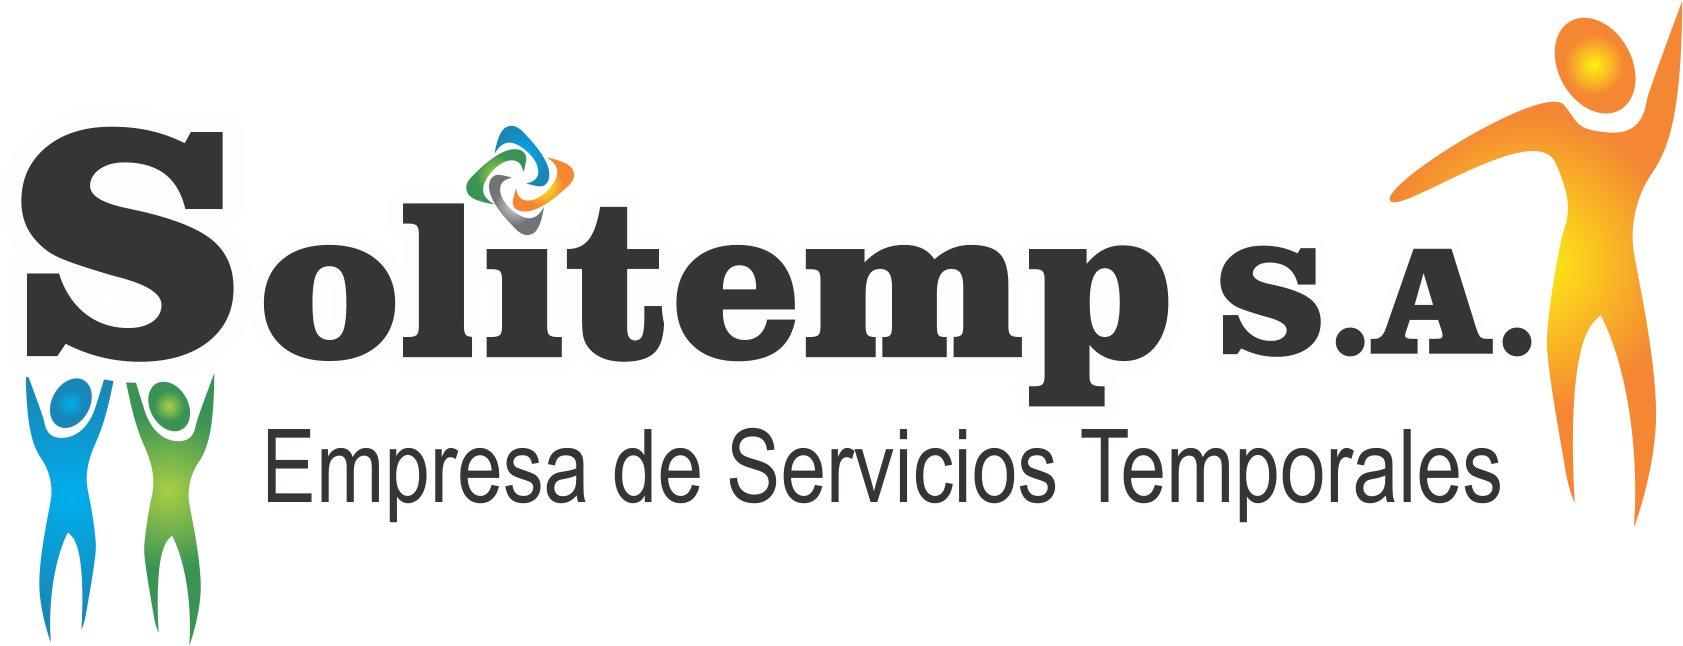 Solitemp S.A